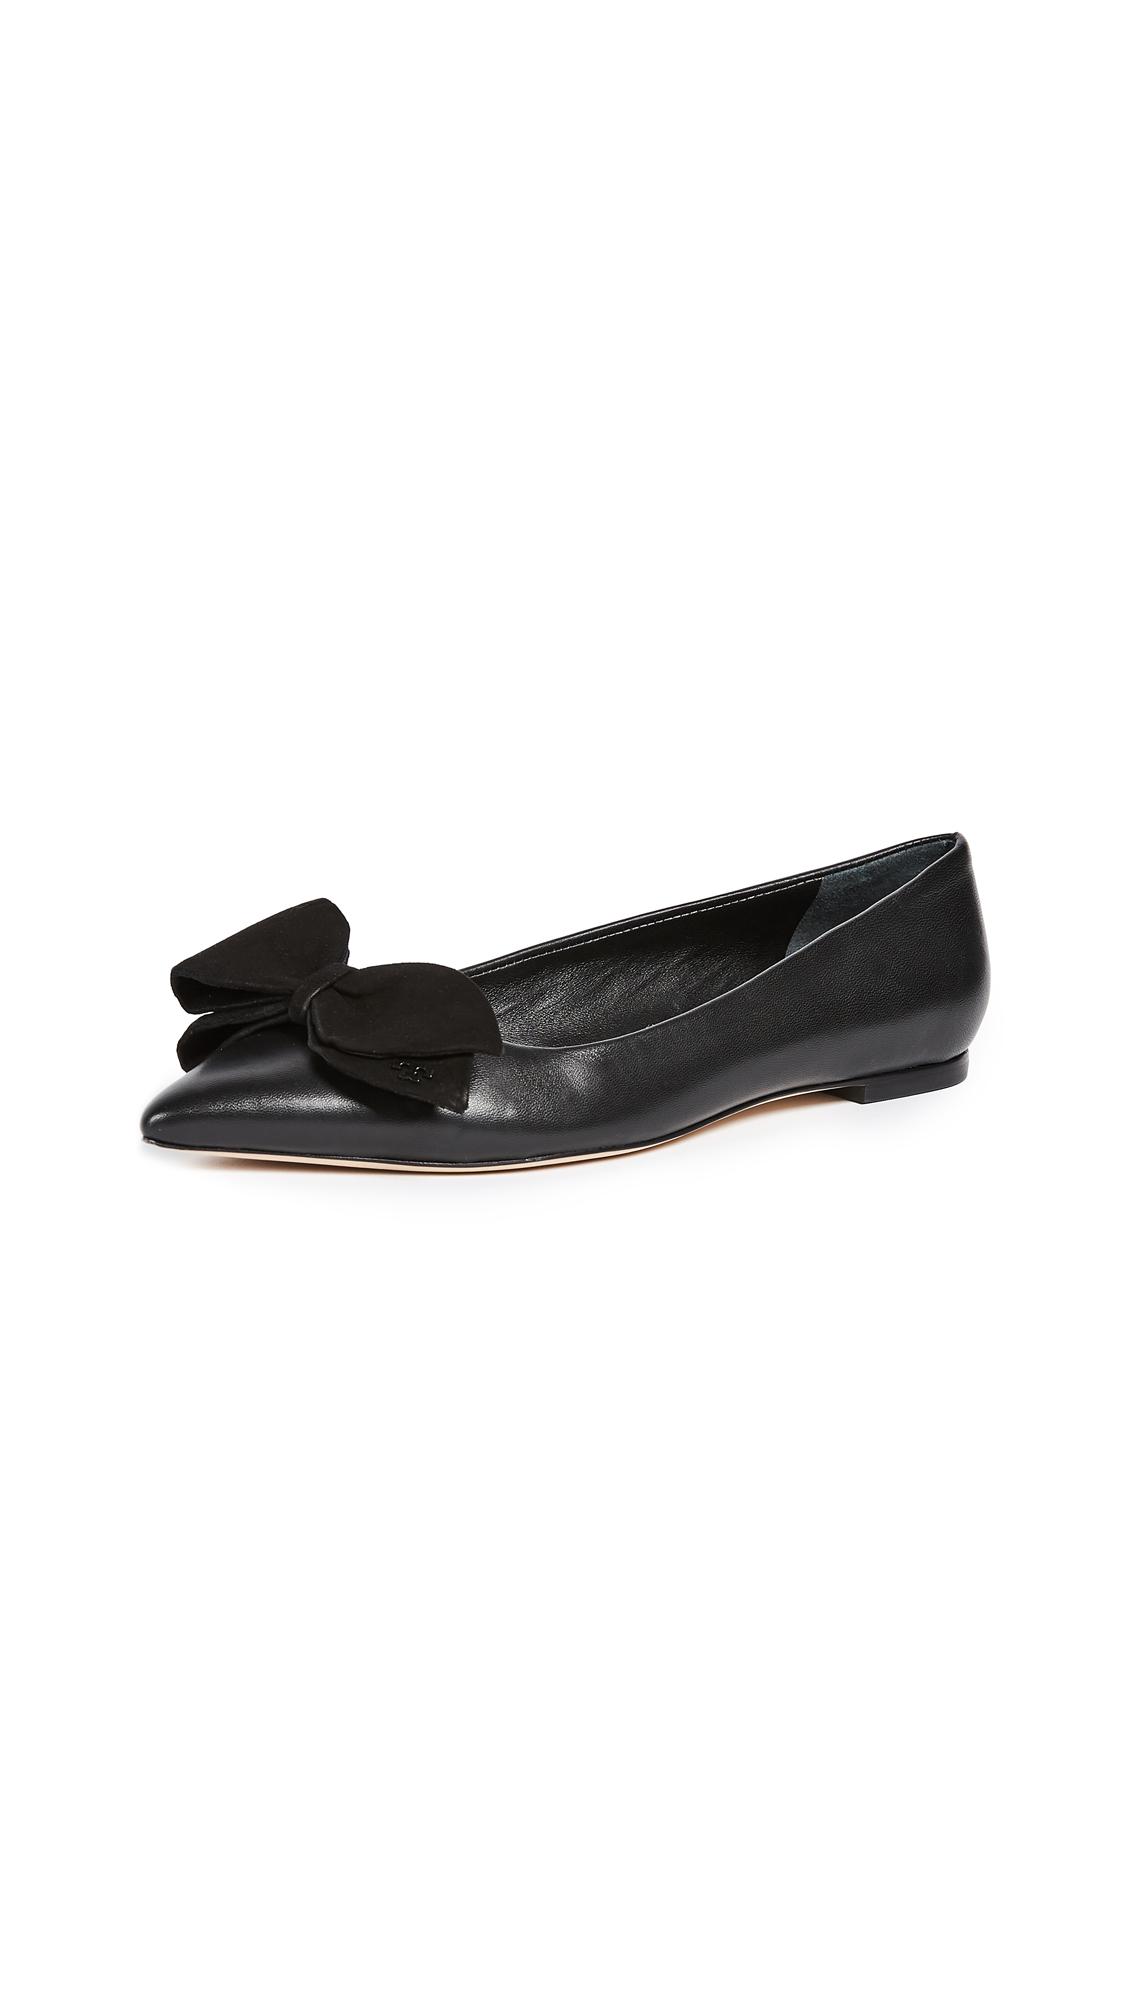 Tory Burch Rosalind Ballet Flats - Black